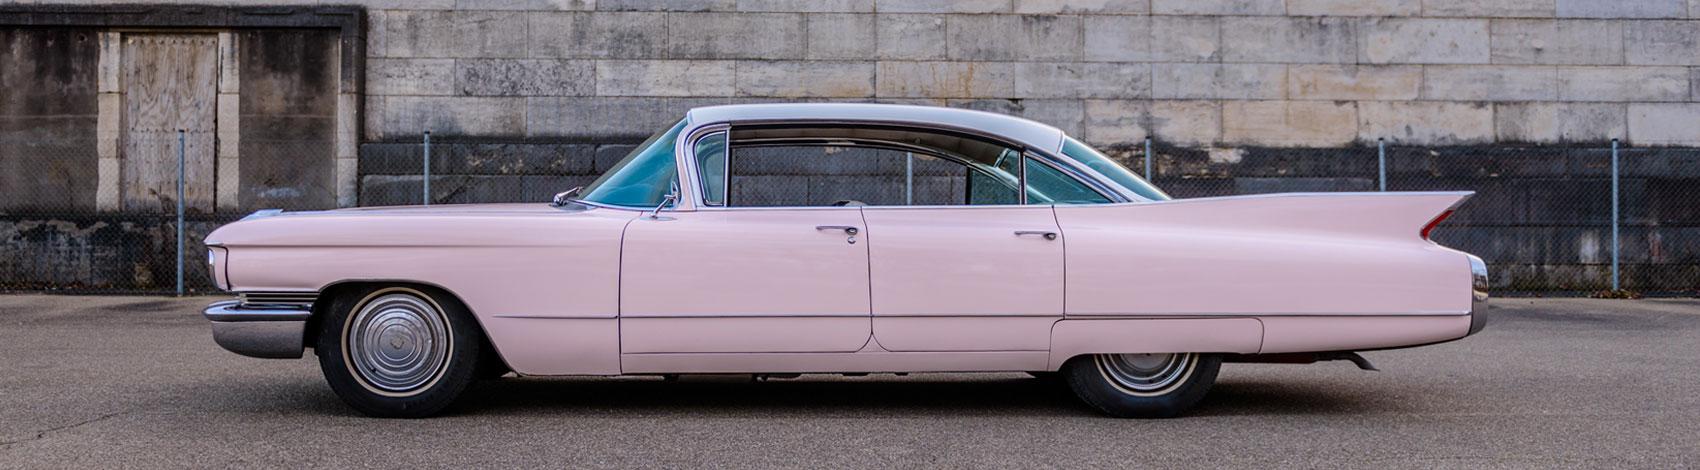 Banner_Pink_Cadillac_web